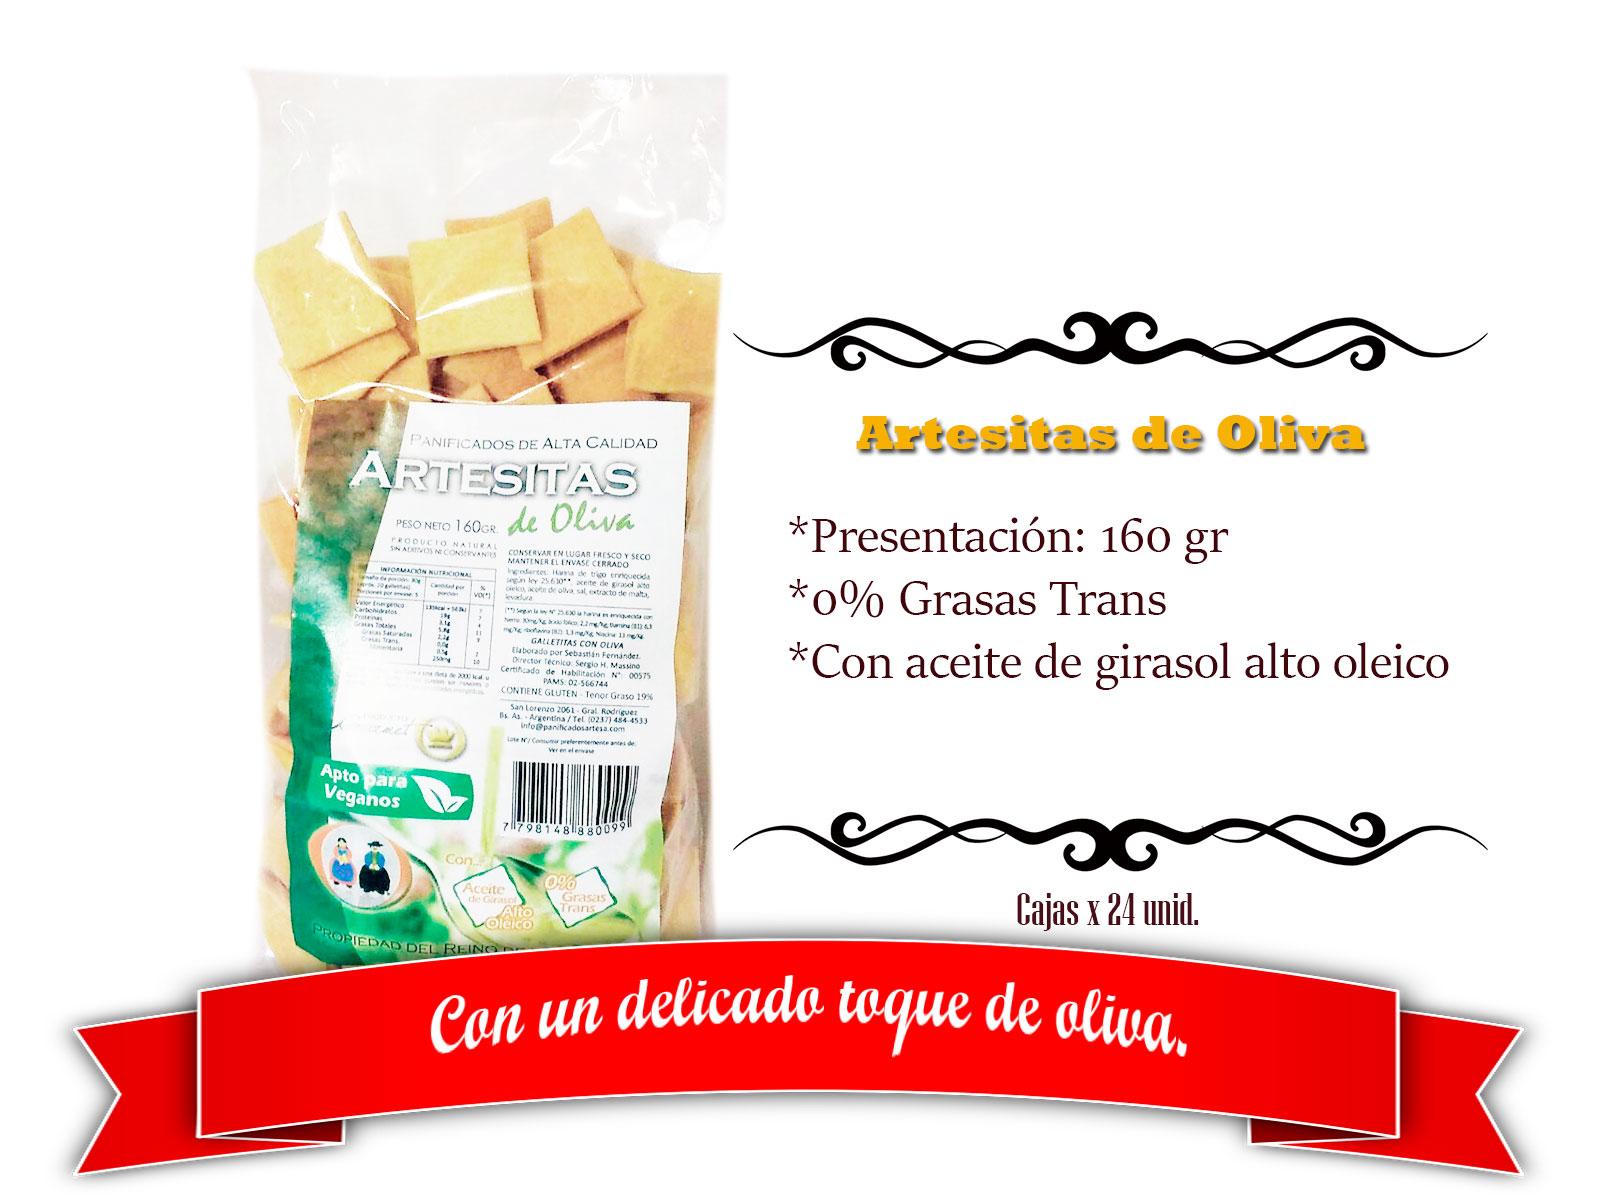 Artesitas de oliva